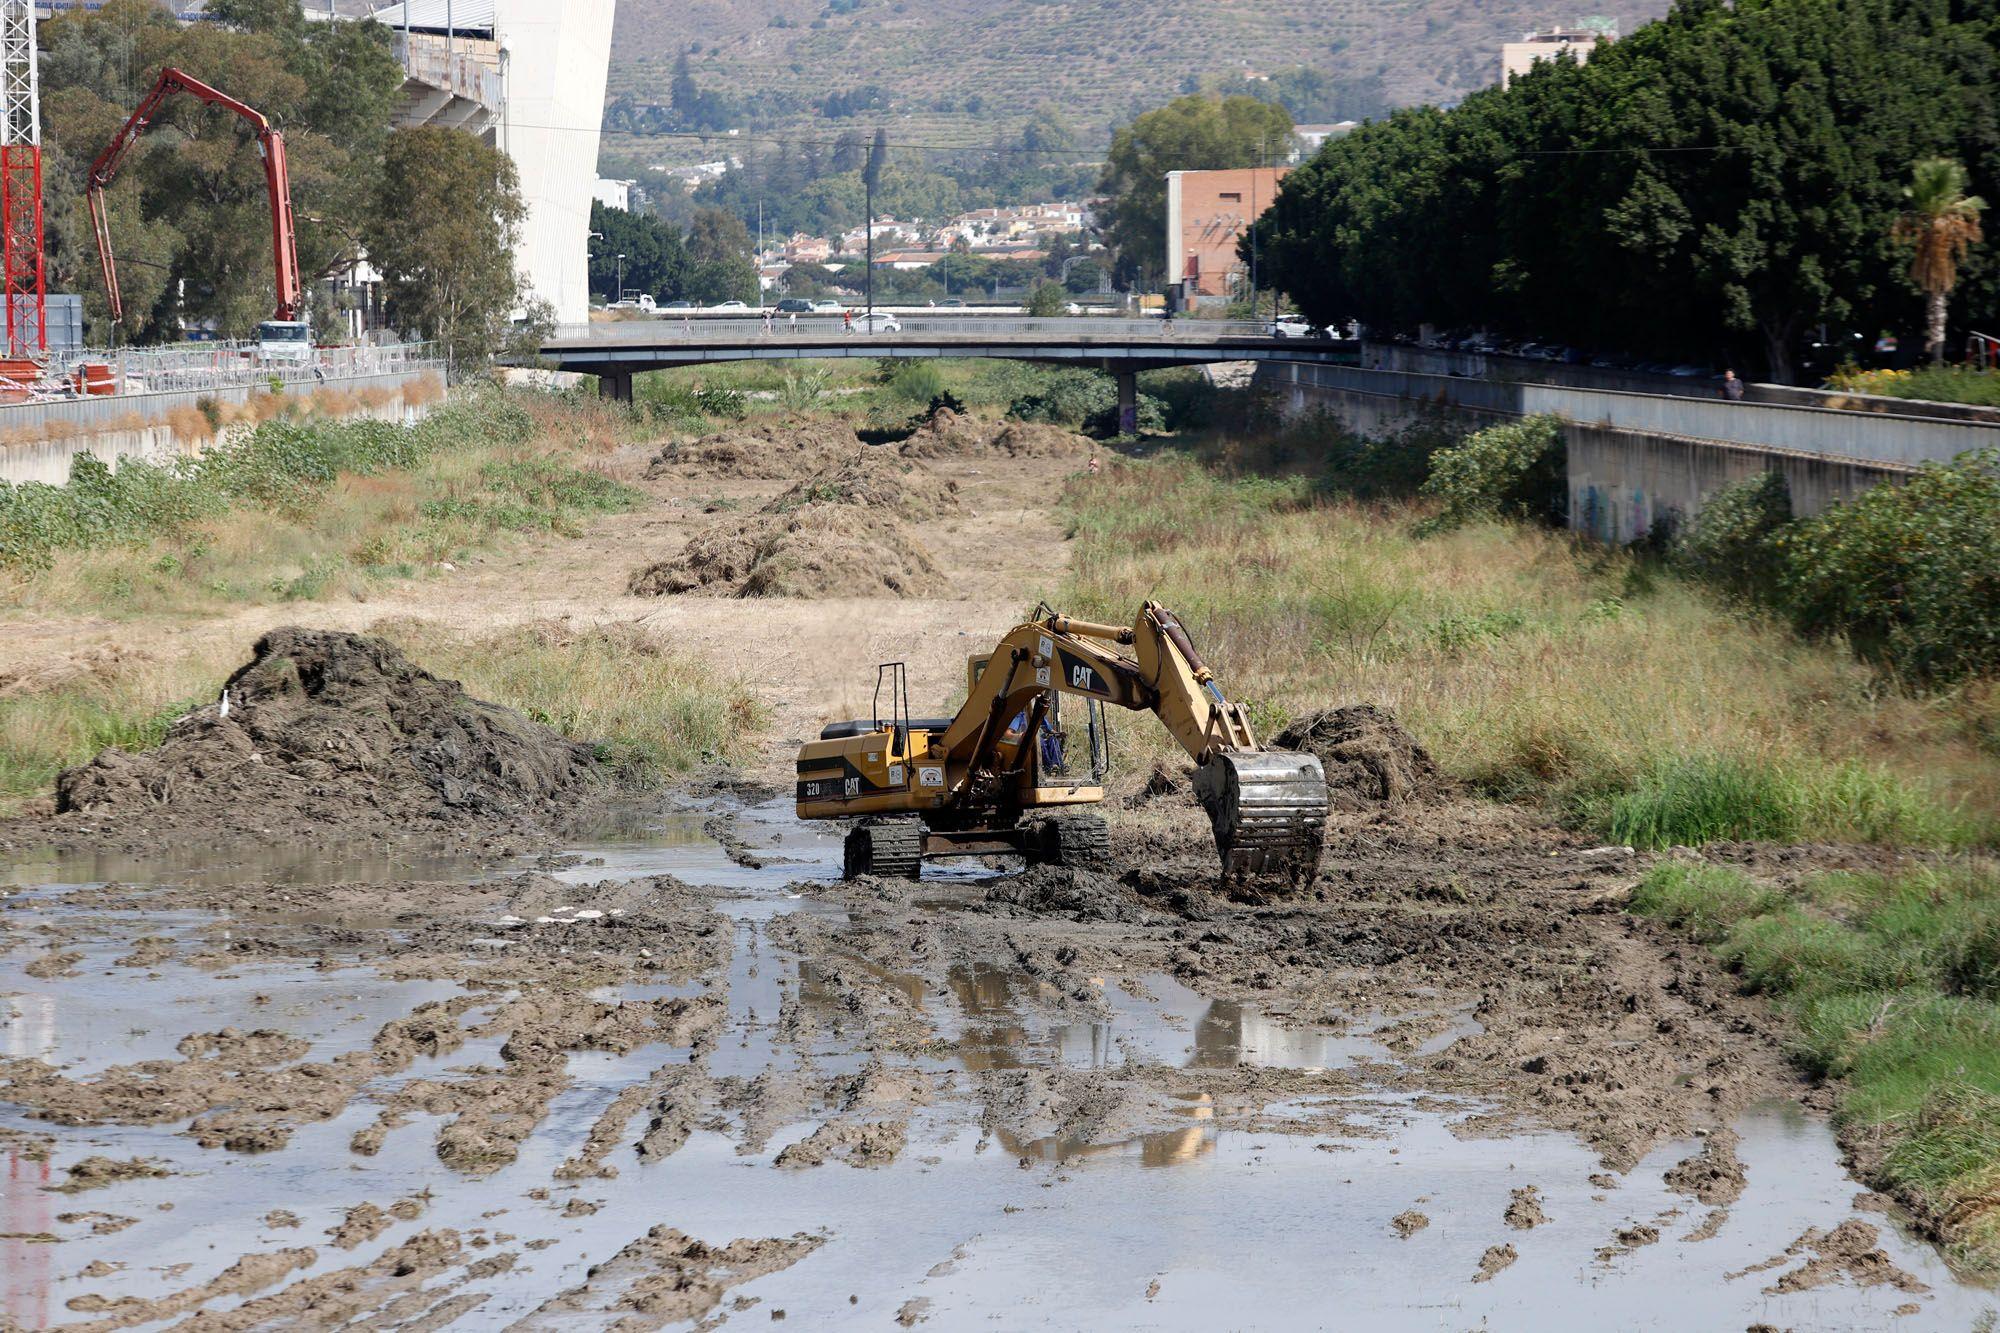 Trabajos de limpieza en el cauce del río Guadalmedina